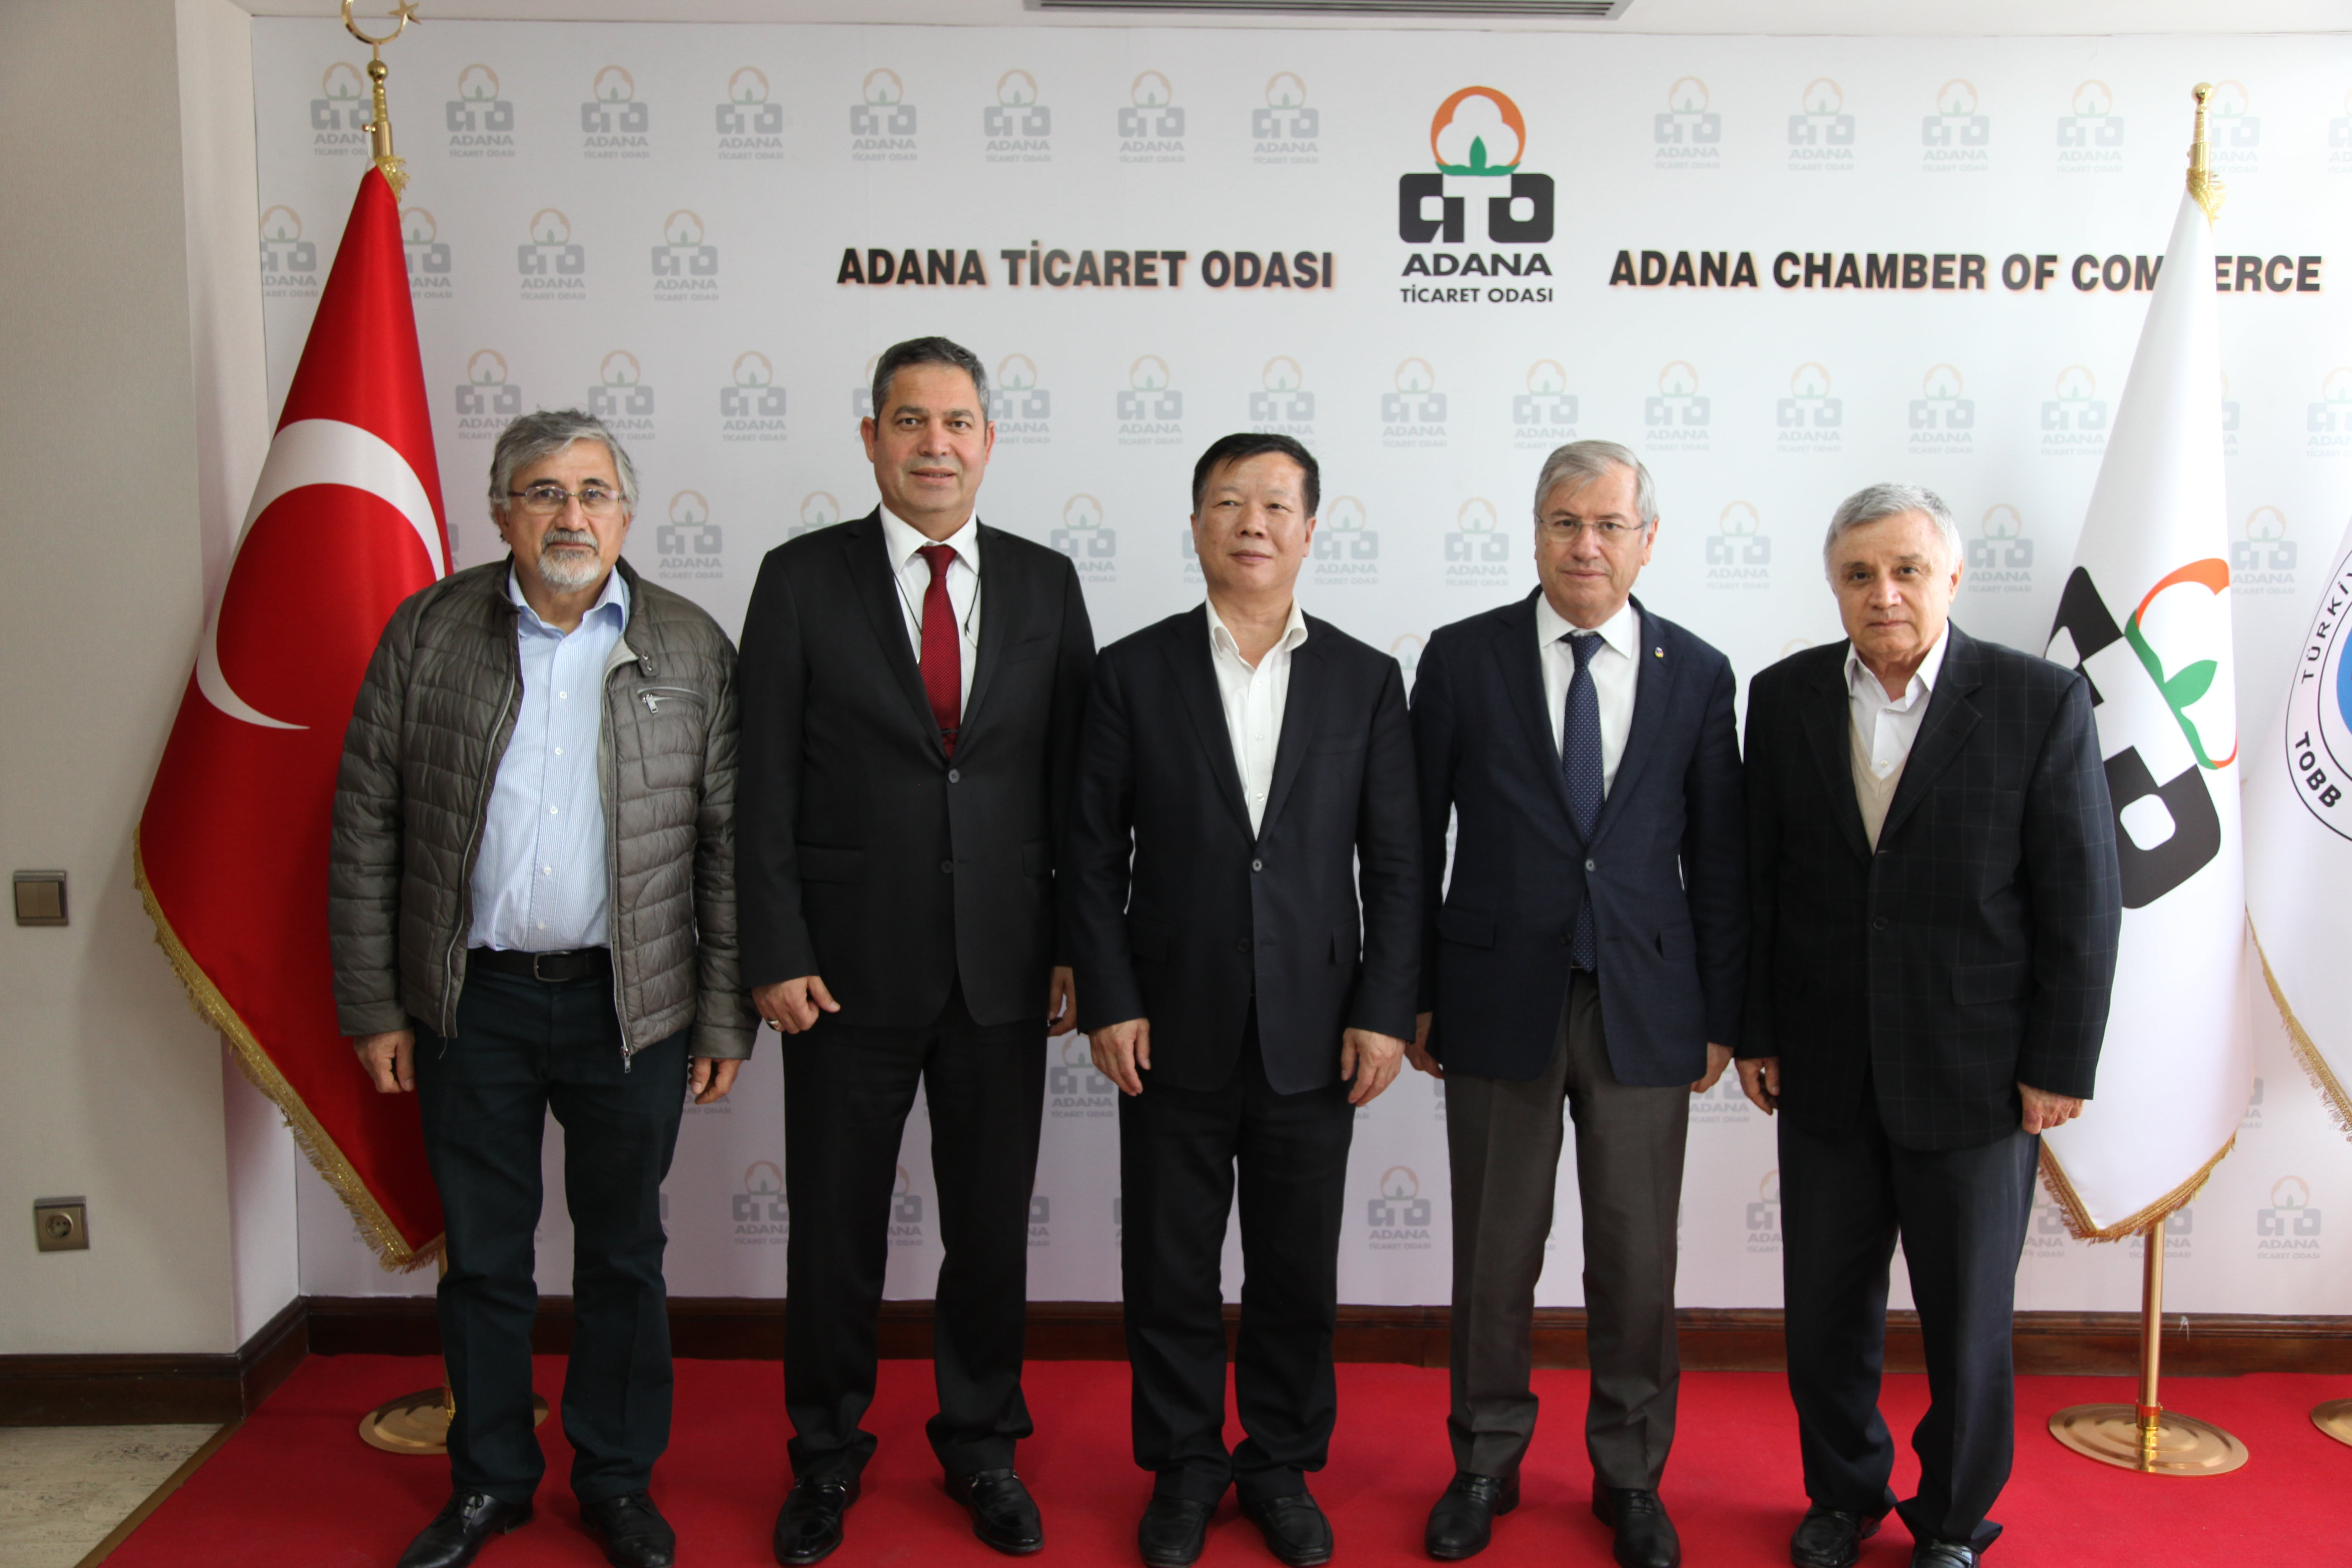 Çin ile Adana Arasında Ticaret Köprüsü Kuruldu